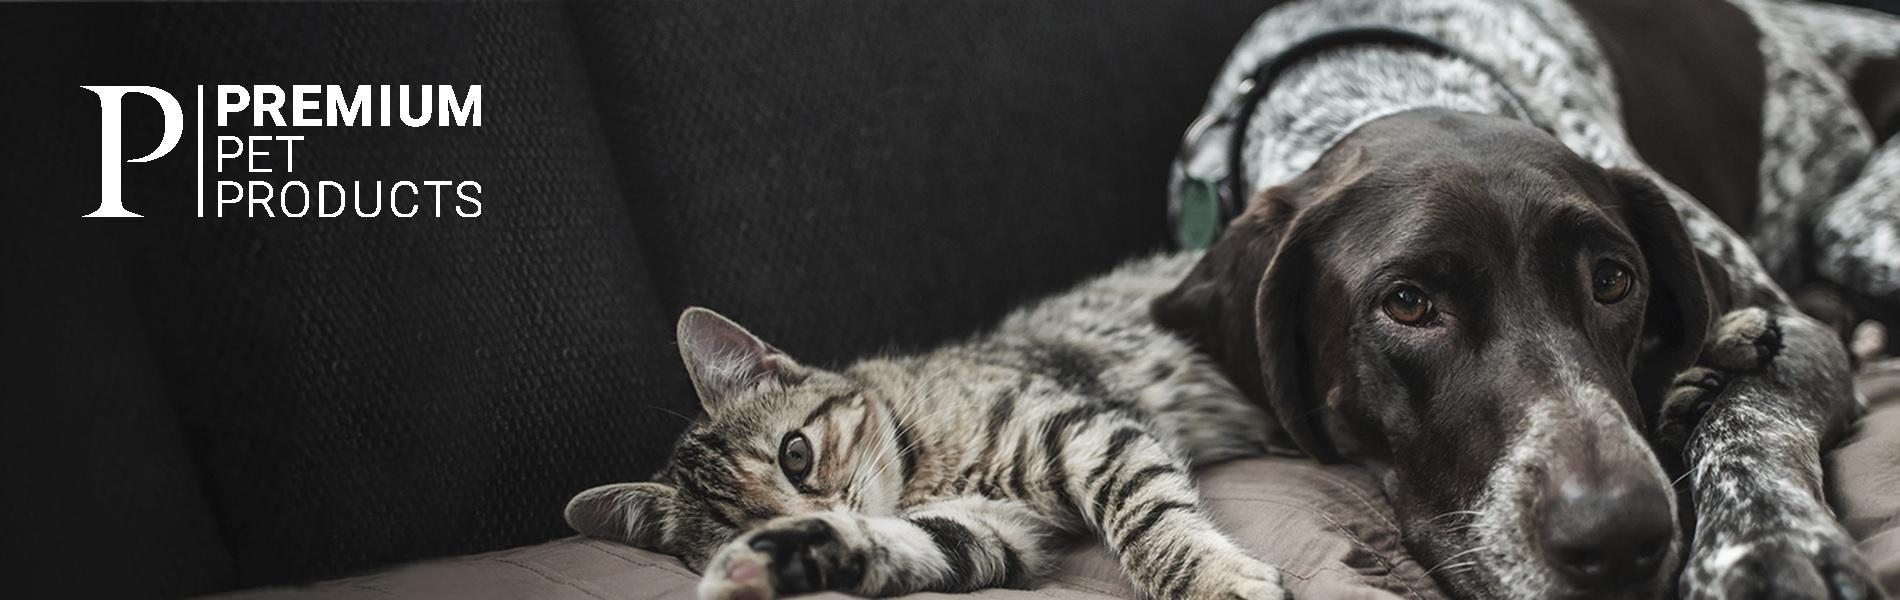 AlphaPet Premium Pet Products Marken und Vertriebsplattform